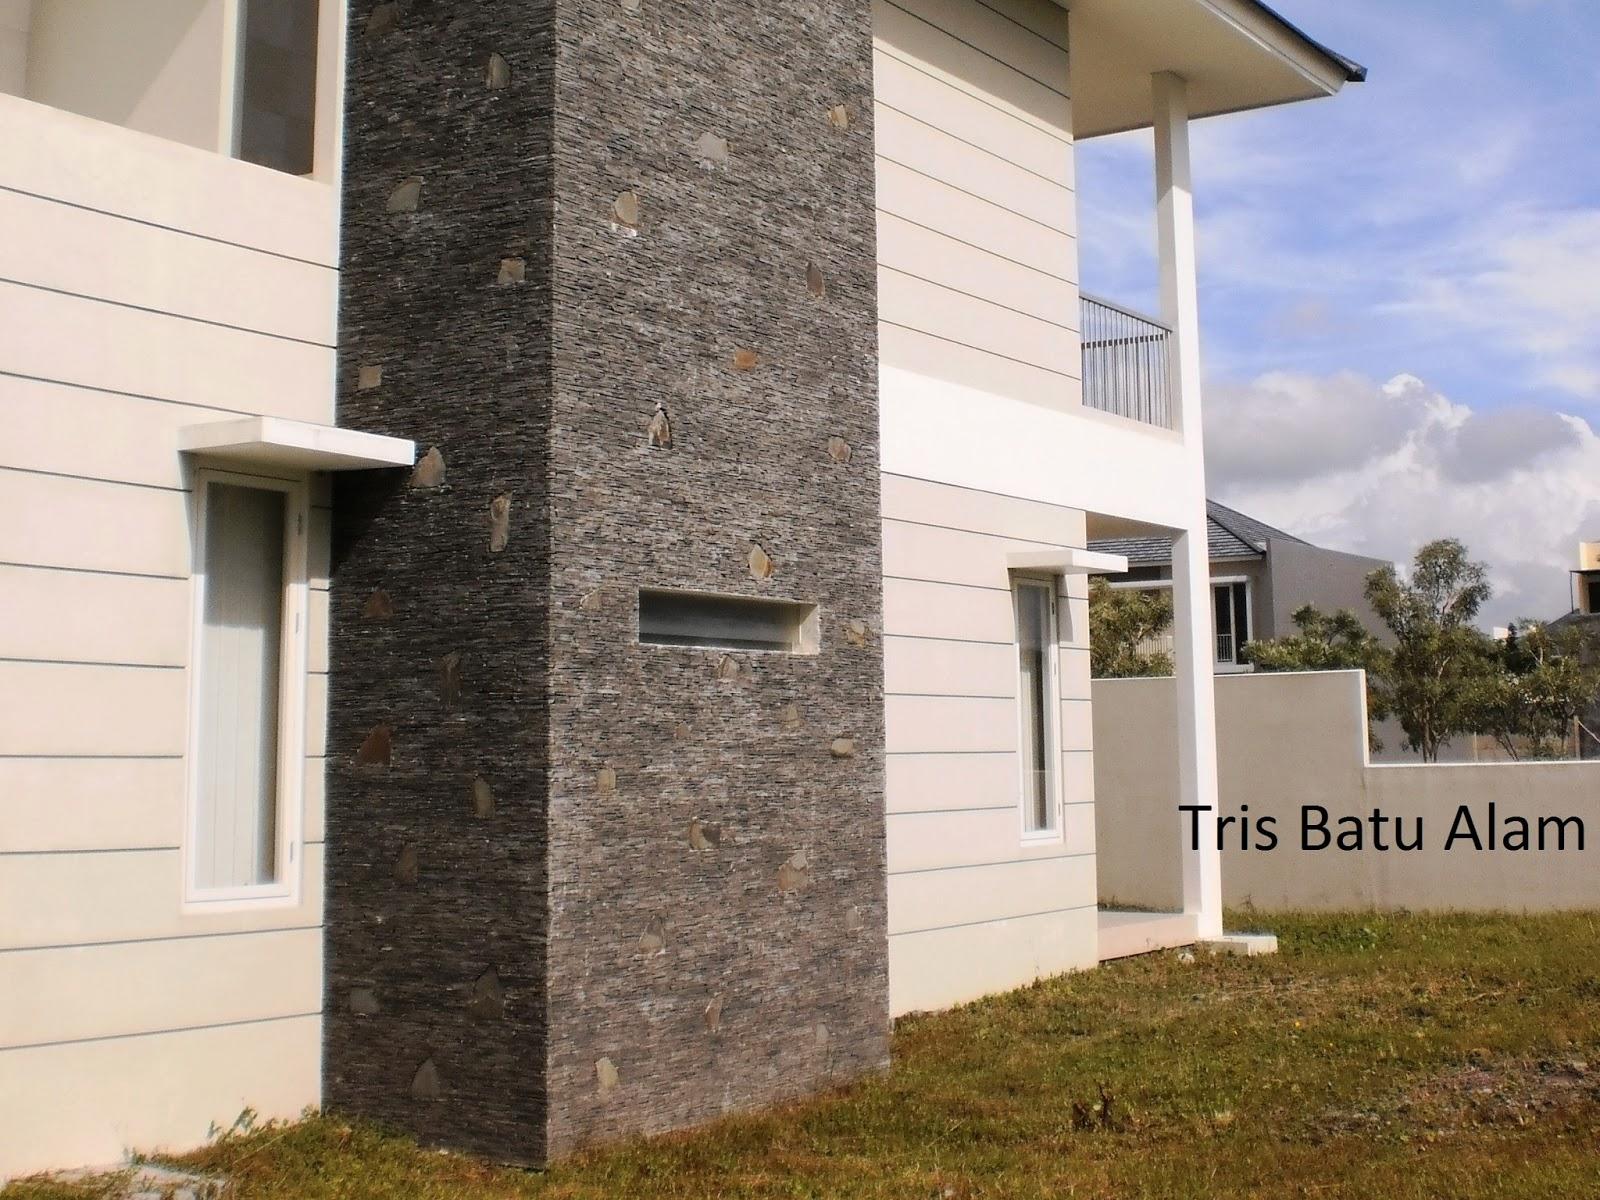 batu alam gilang sisir dipasang pada dinding luar rumah